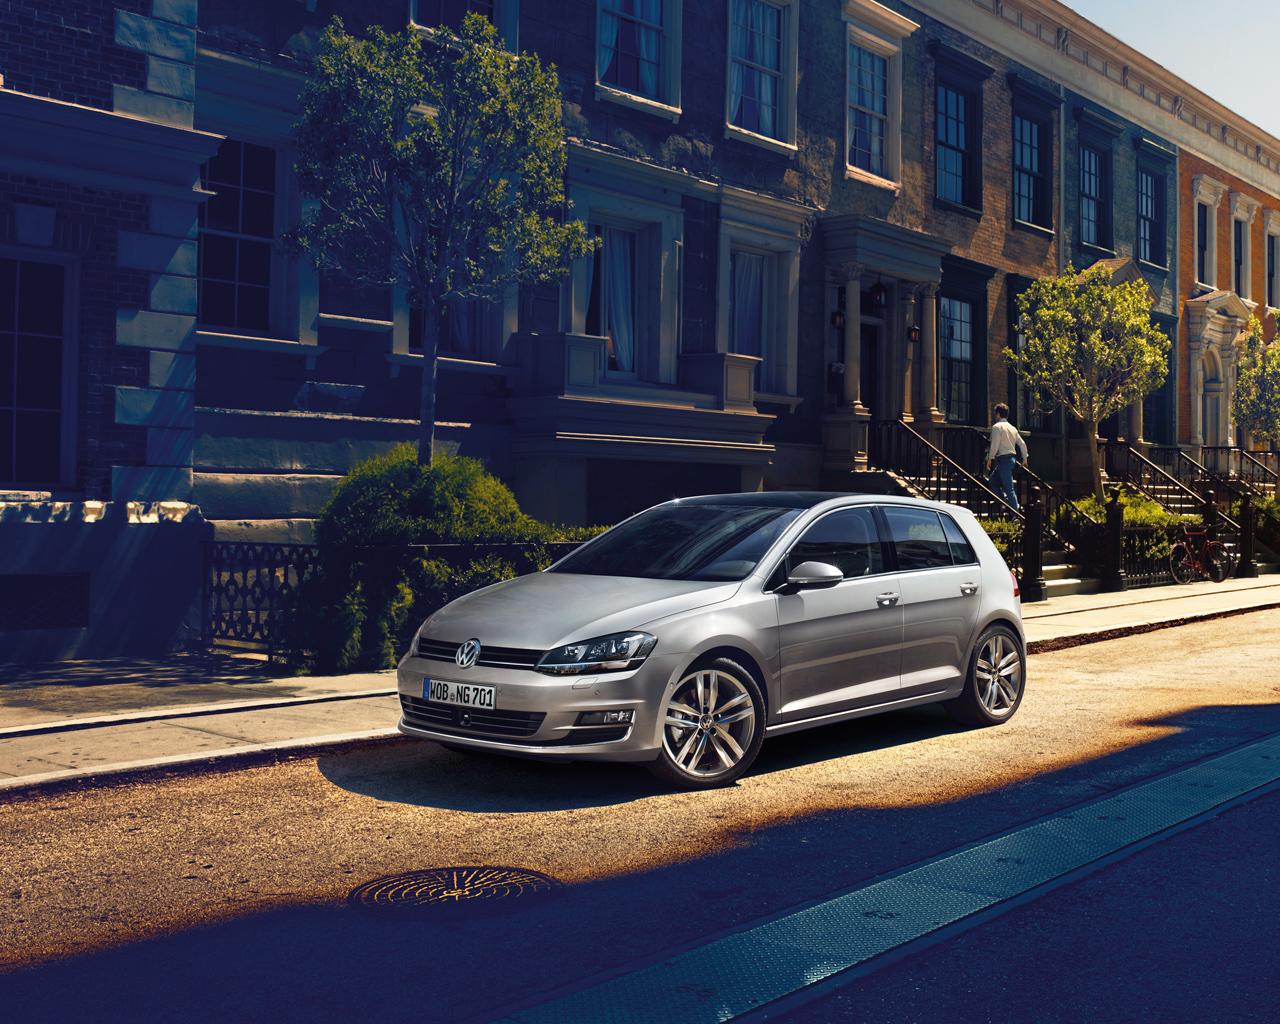 Цена Volkswagen Golf VII в России от 665 000 руб.